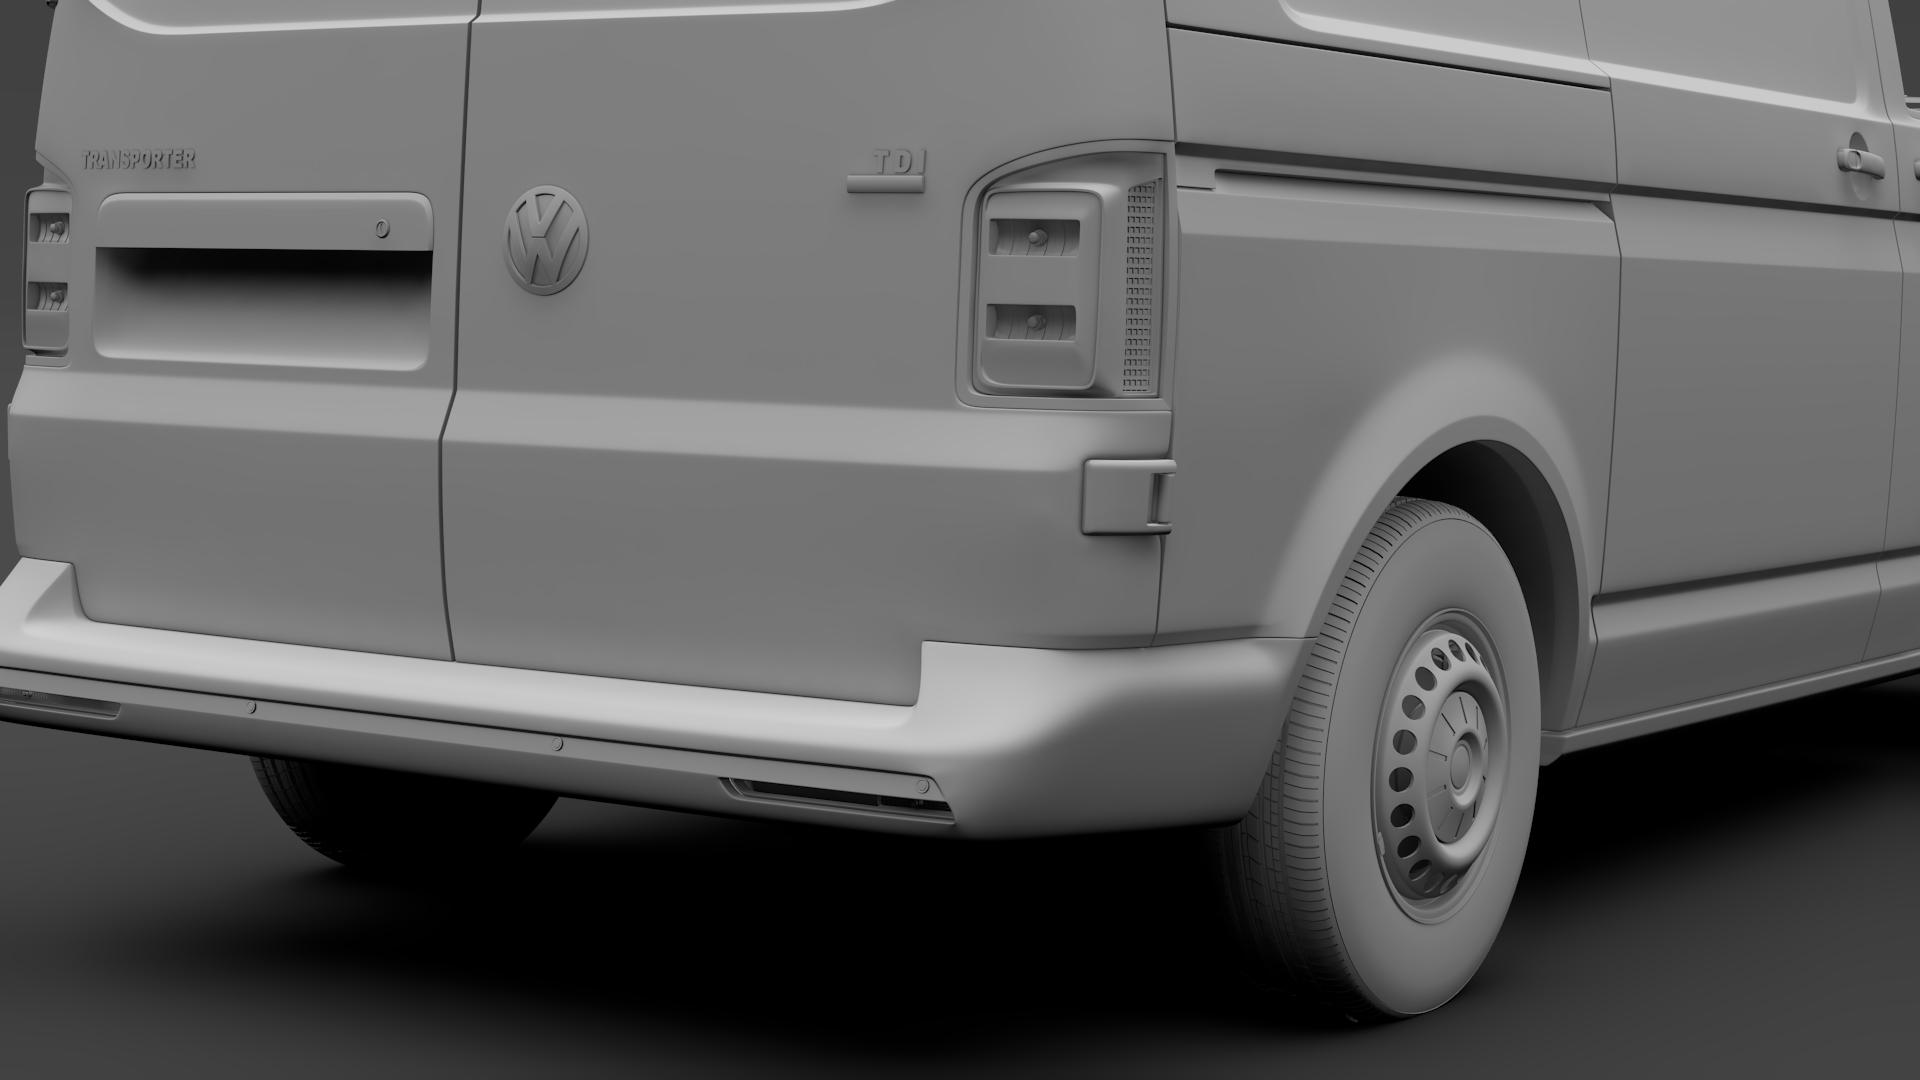 volkswagen transporter van l1h1 t6 2017 3d model fbx c4d lwo ma mb hrc xsi obj 275133